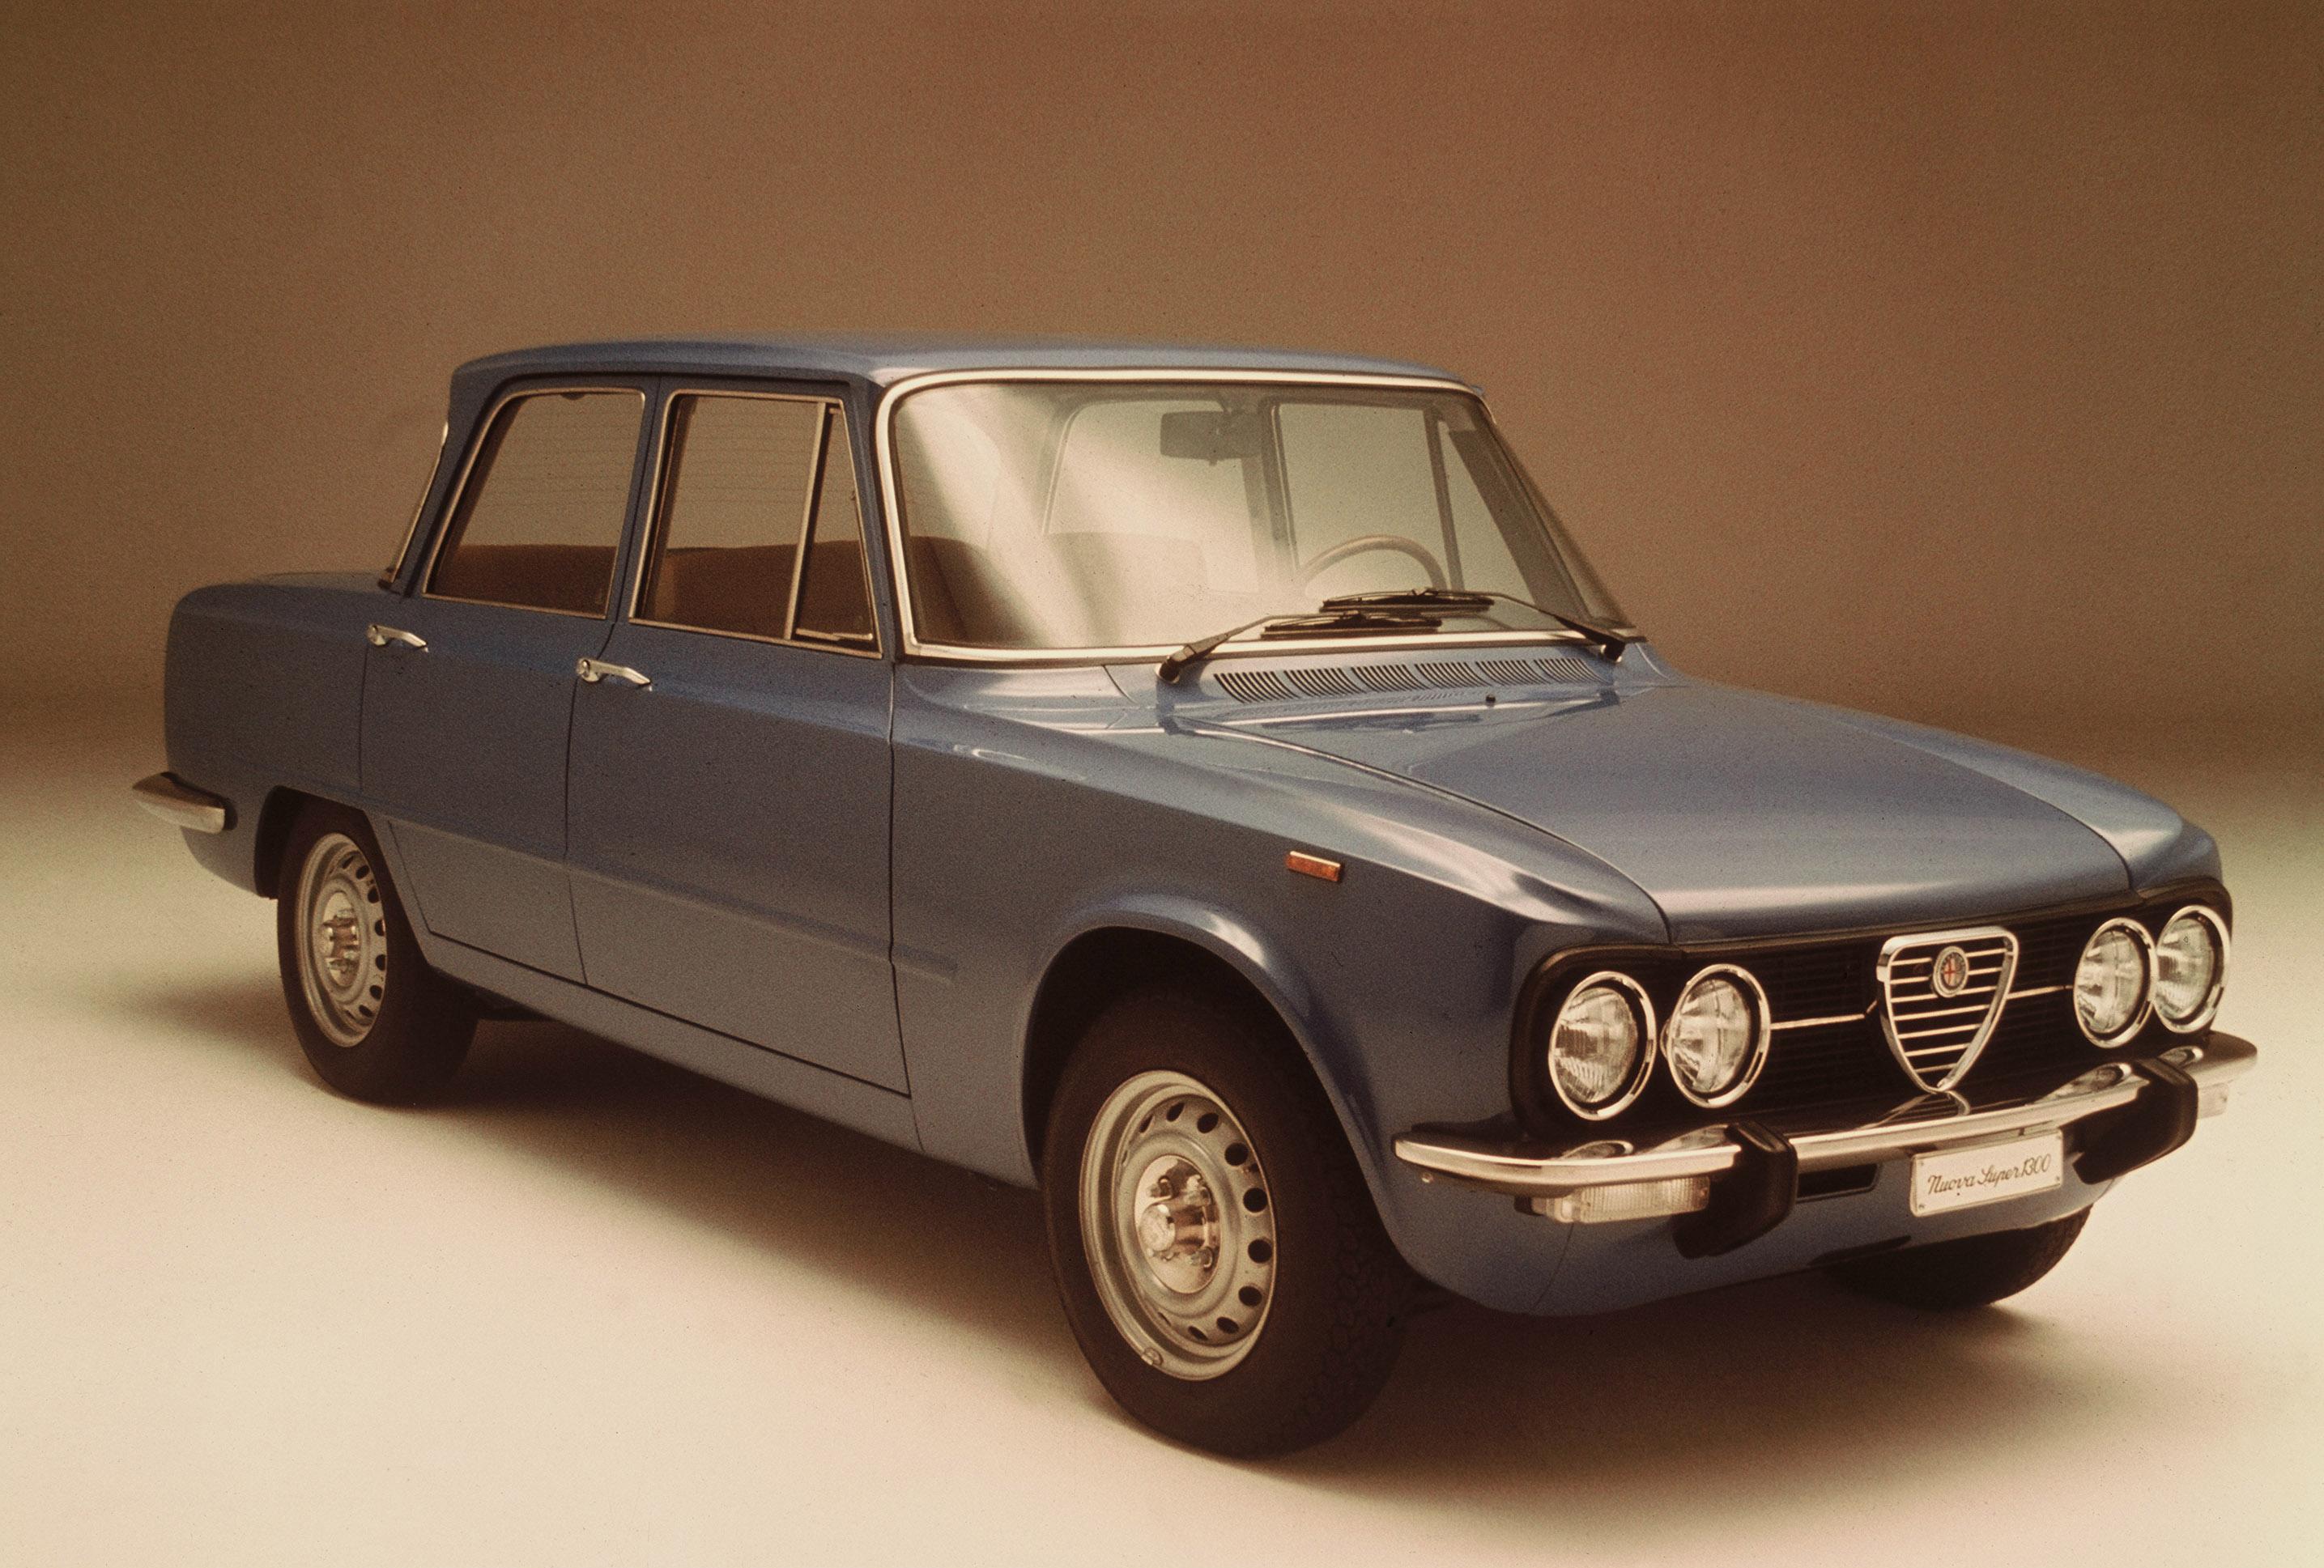 Alfa Romeo Giulia – testy i recenzje zdjęcia opinie dane techniczne